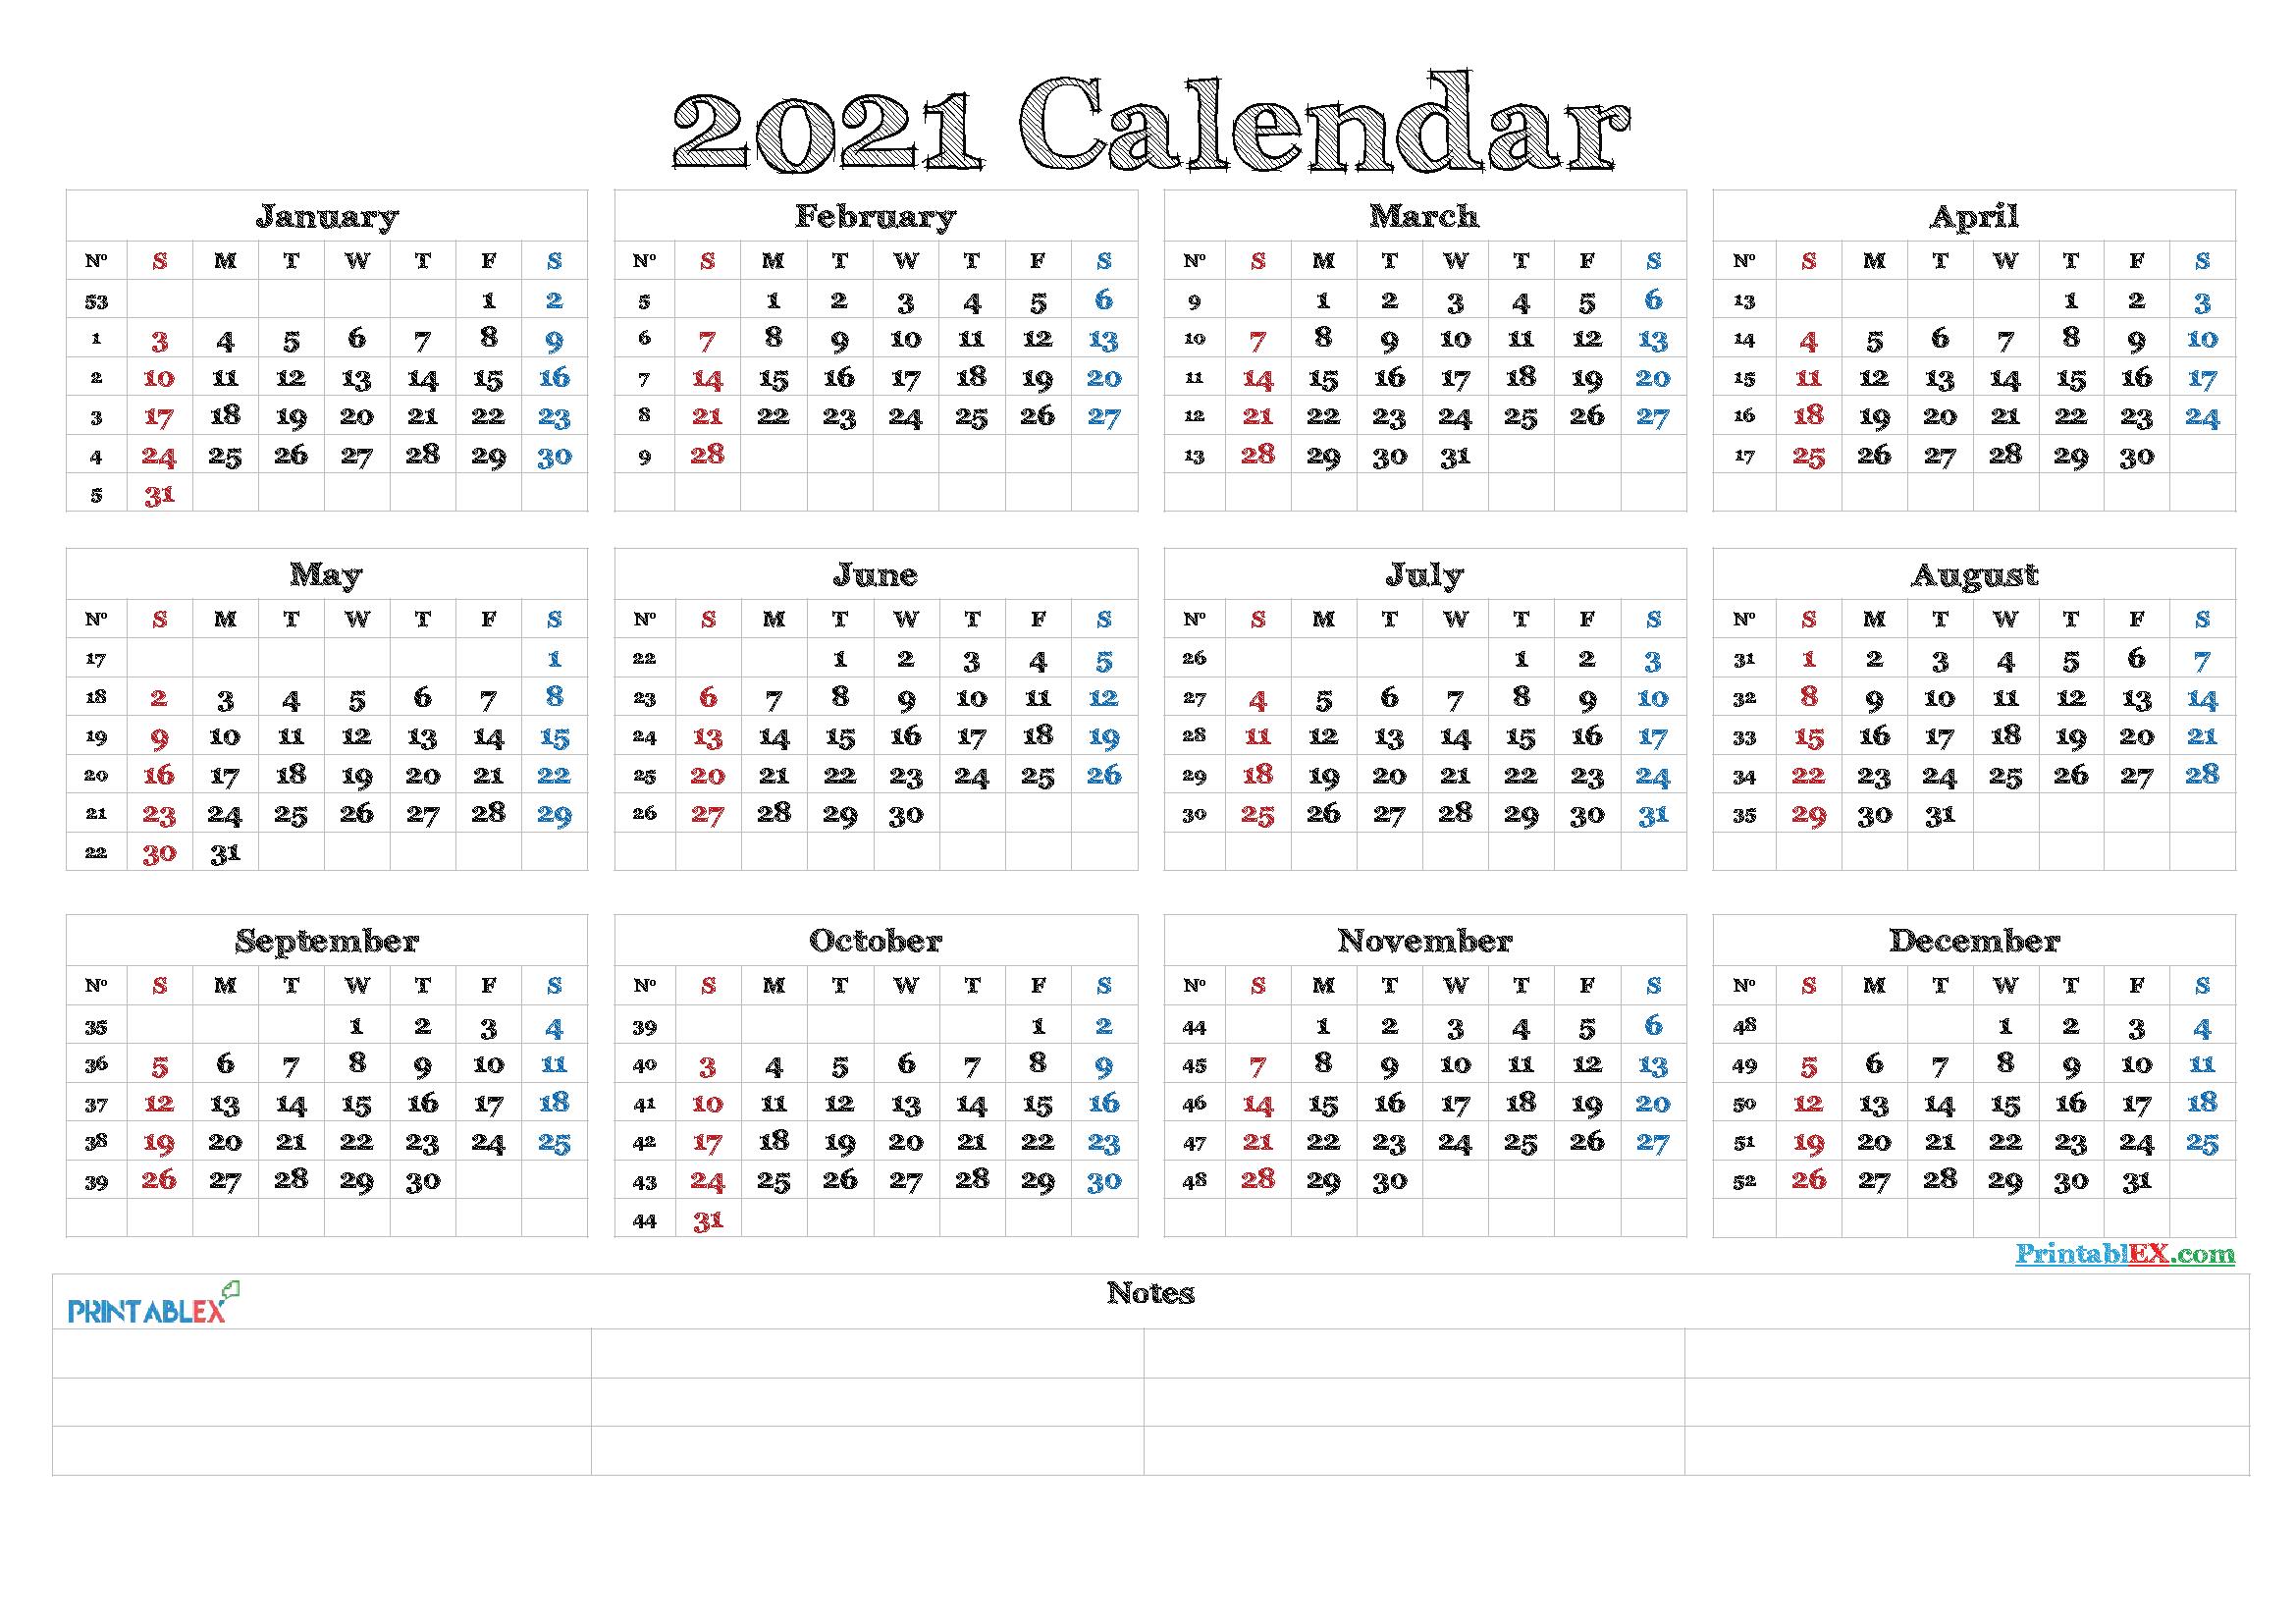 2021 Calendar With Week Numbers Printable with regard to Monthly Calendar By Week Number 2021